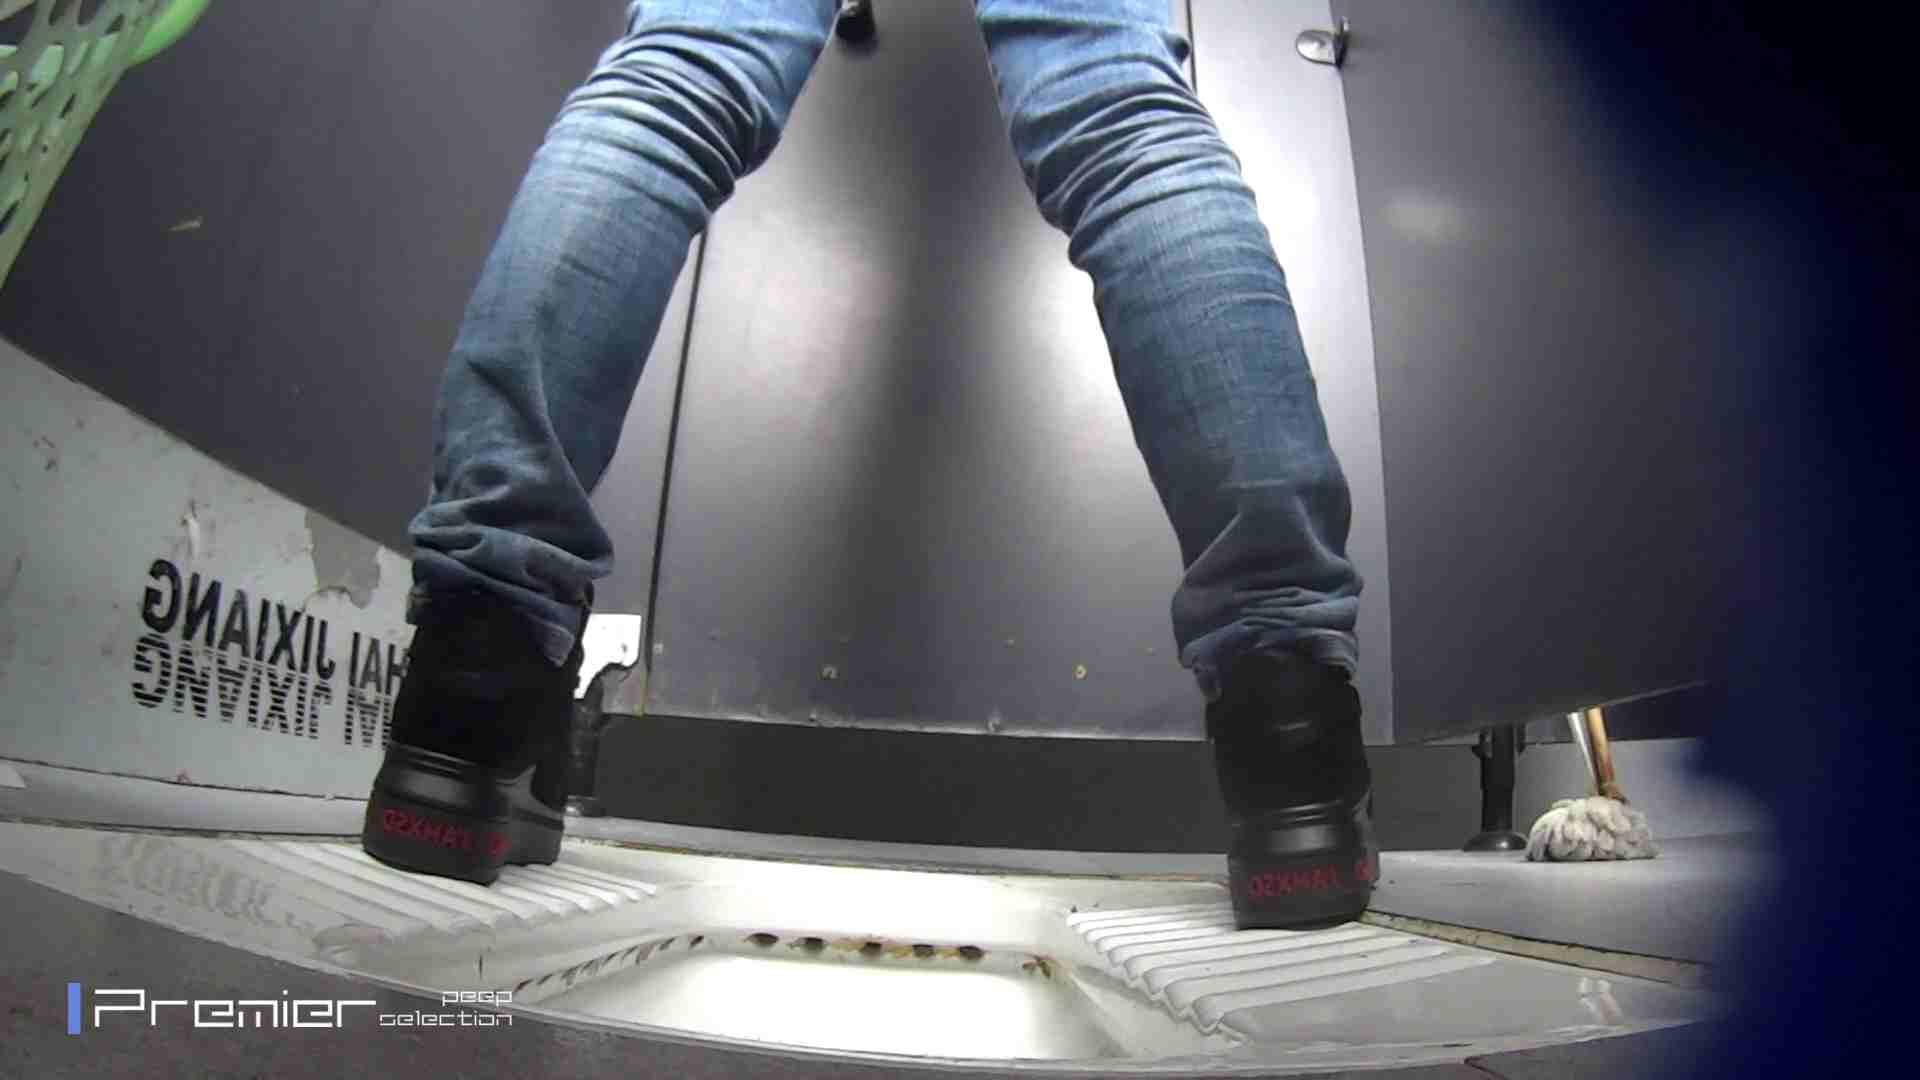 マンコをやたらヒクヒクさせる女子 大学休憩時間の洗面所事情81 細身・スレンダー オメコ動画キャプチャ 49画像 31